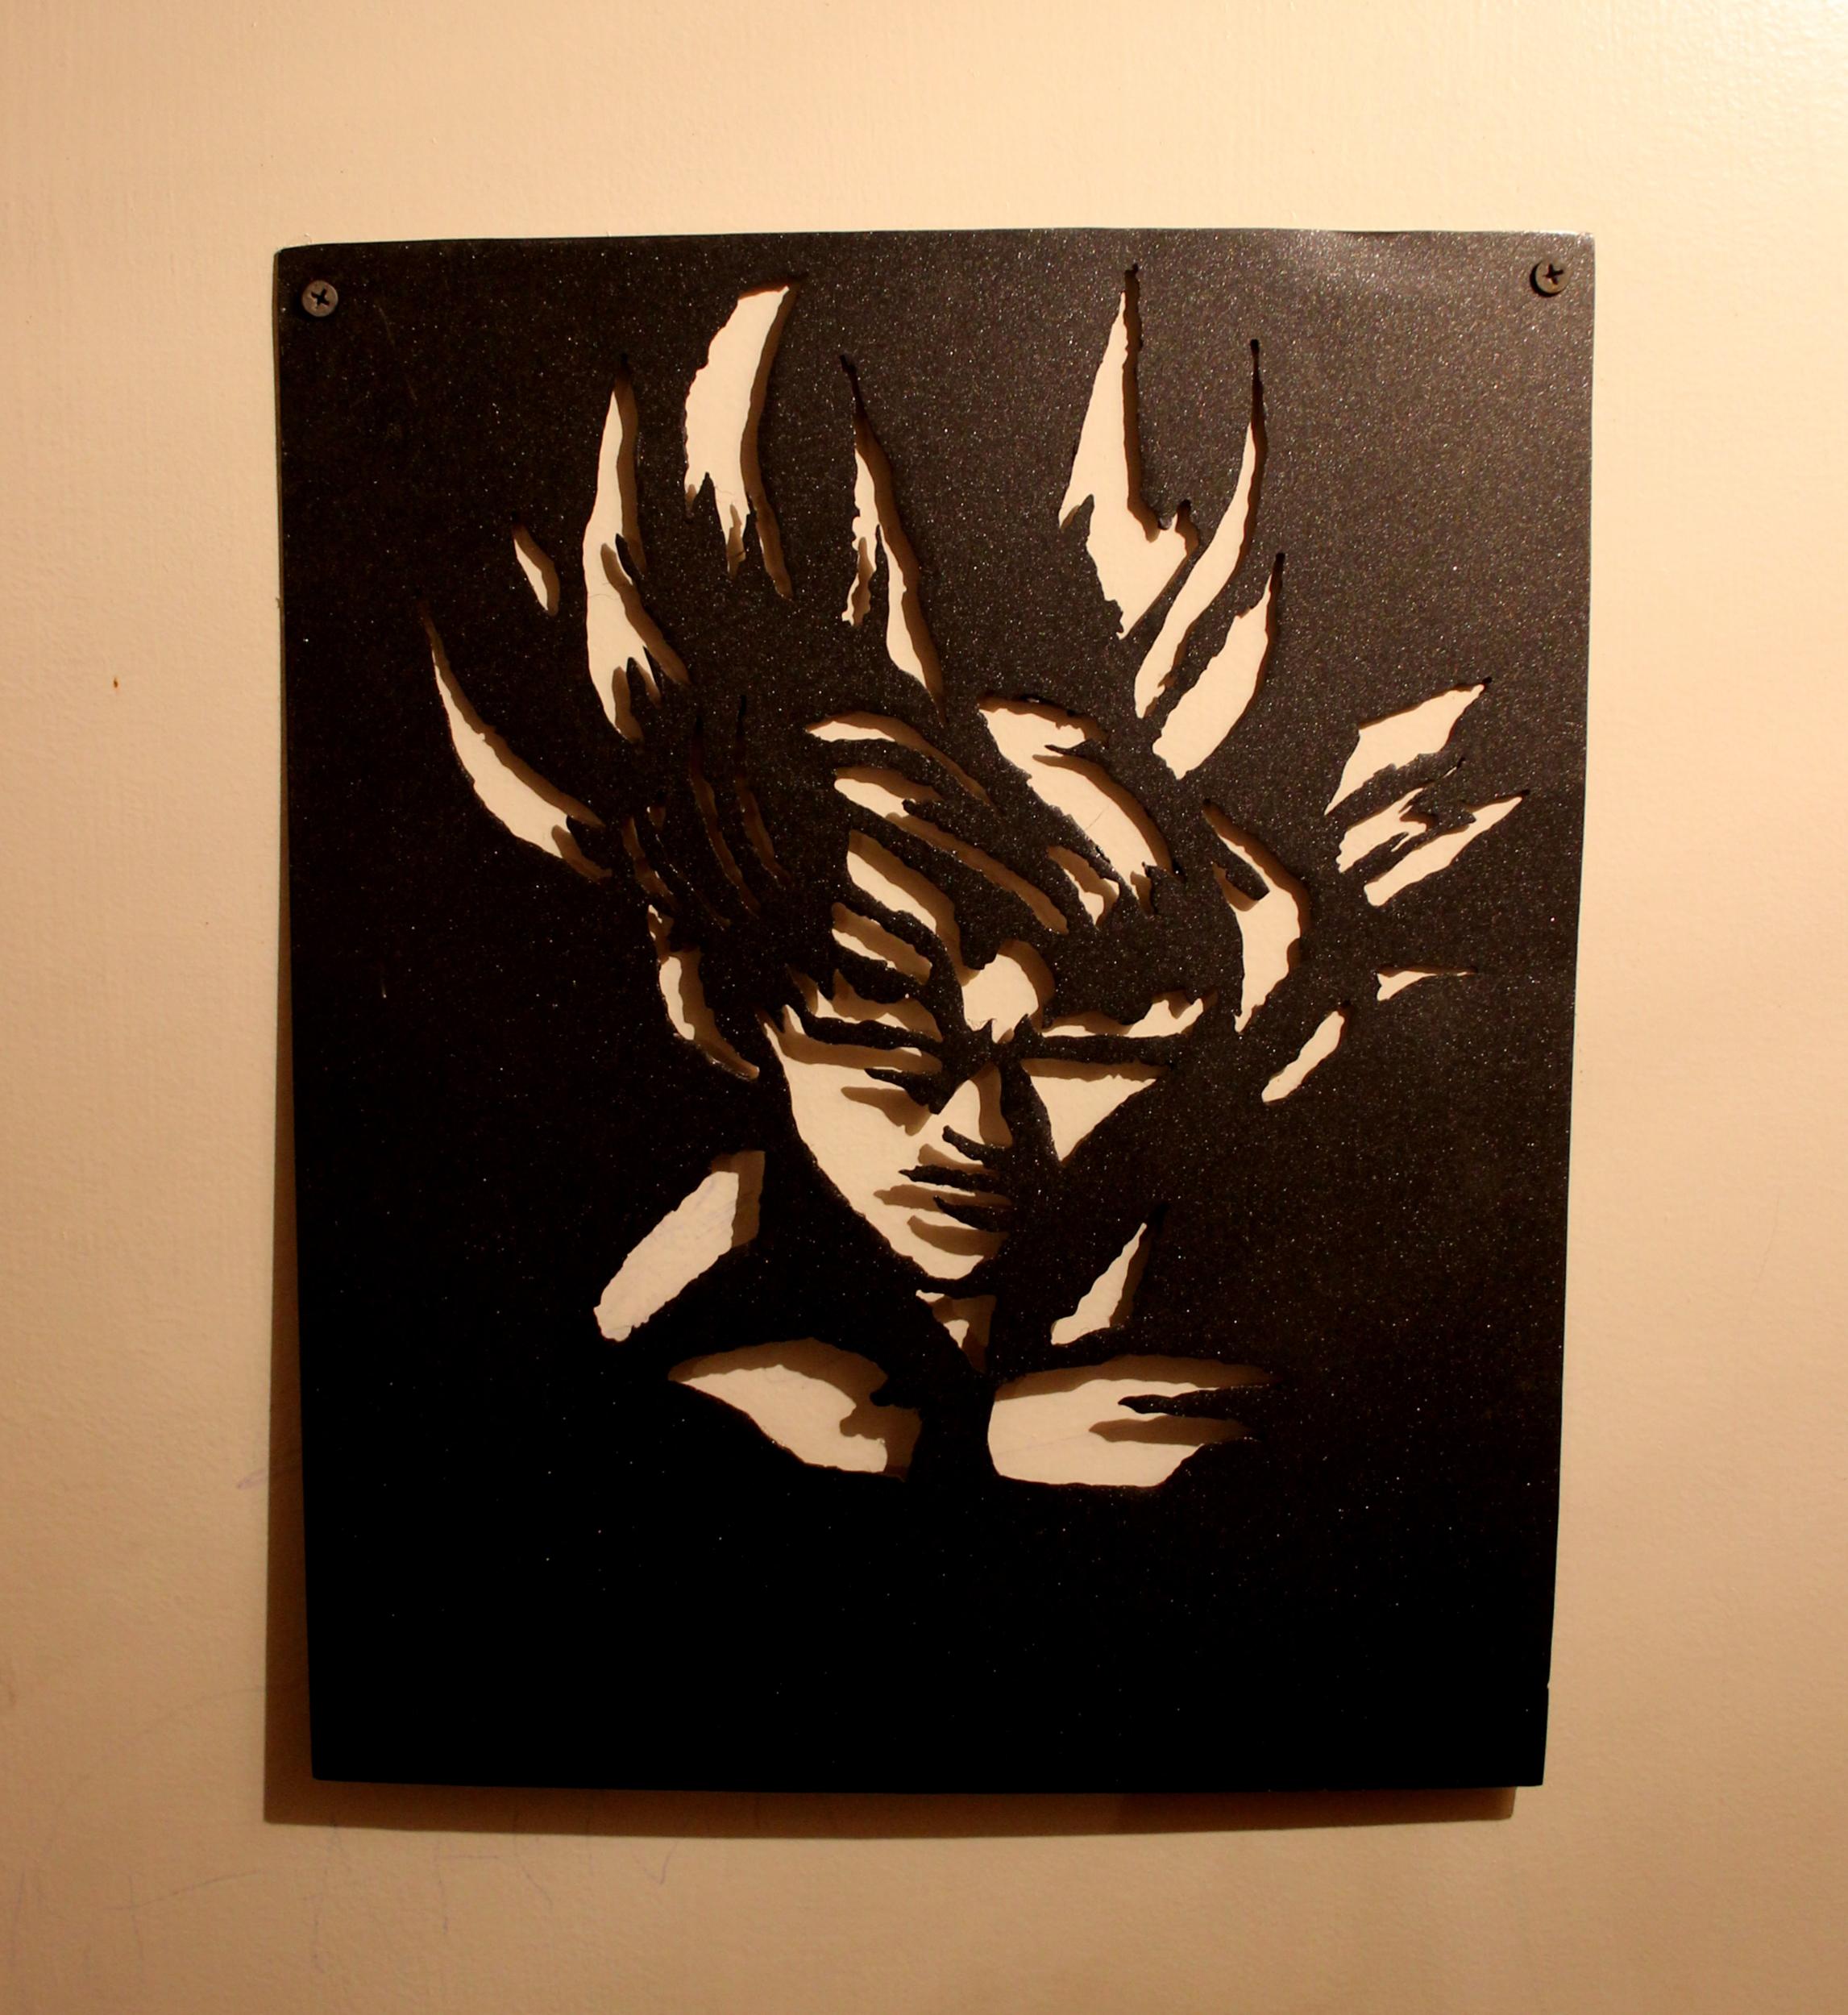 Décoration murale Dragon Ball Z Sangoku / Personnalisable